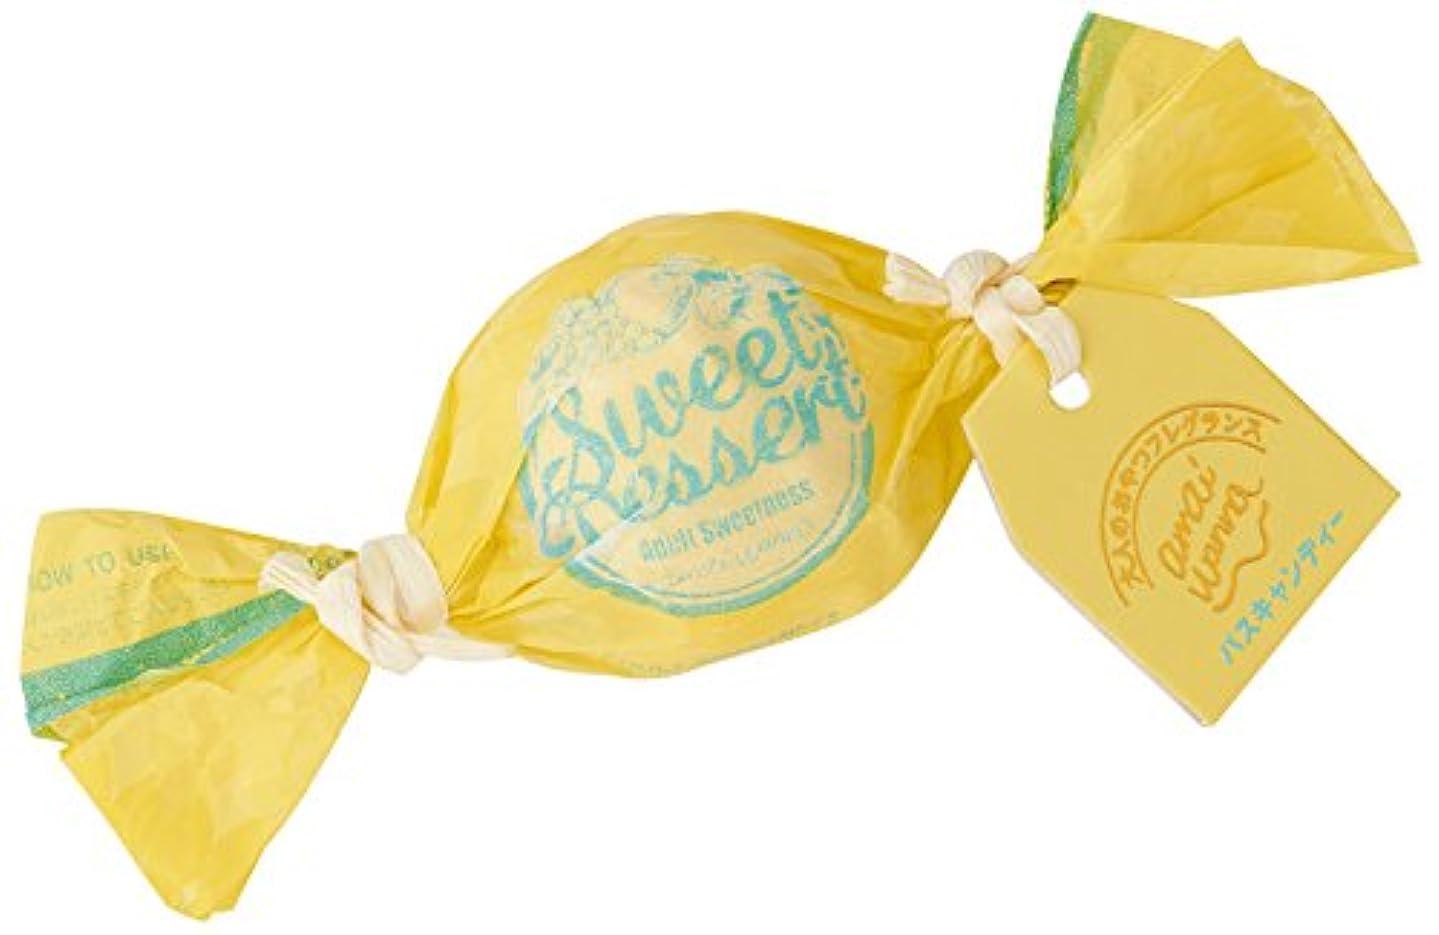 ロケーションジャム速記アマイワナ バスキャンディー35g×12粒 大人の甘美デザート(発泡タイプ入浴料 フローラルと果実の香り)